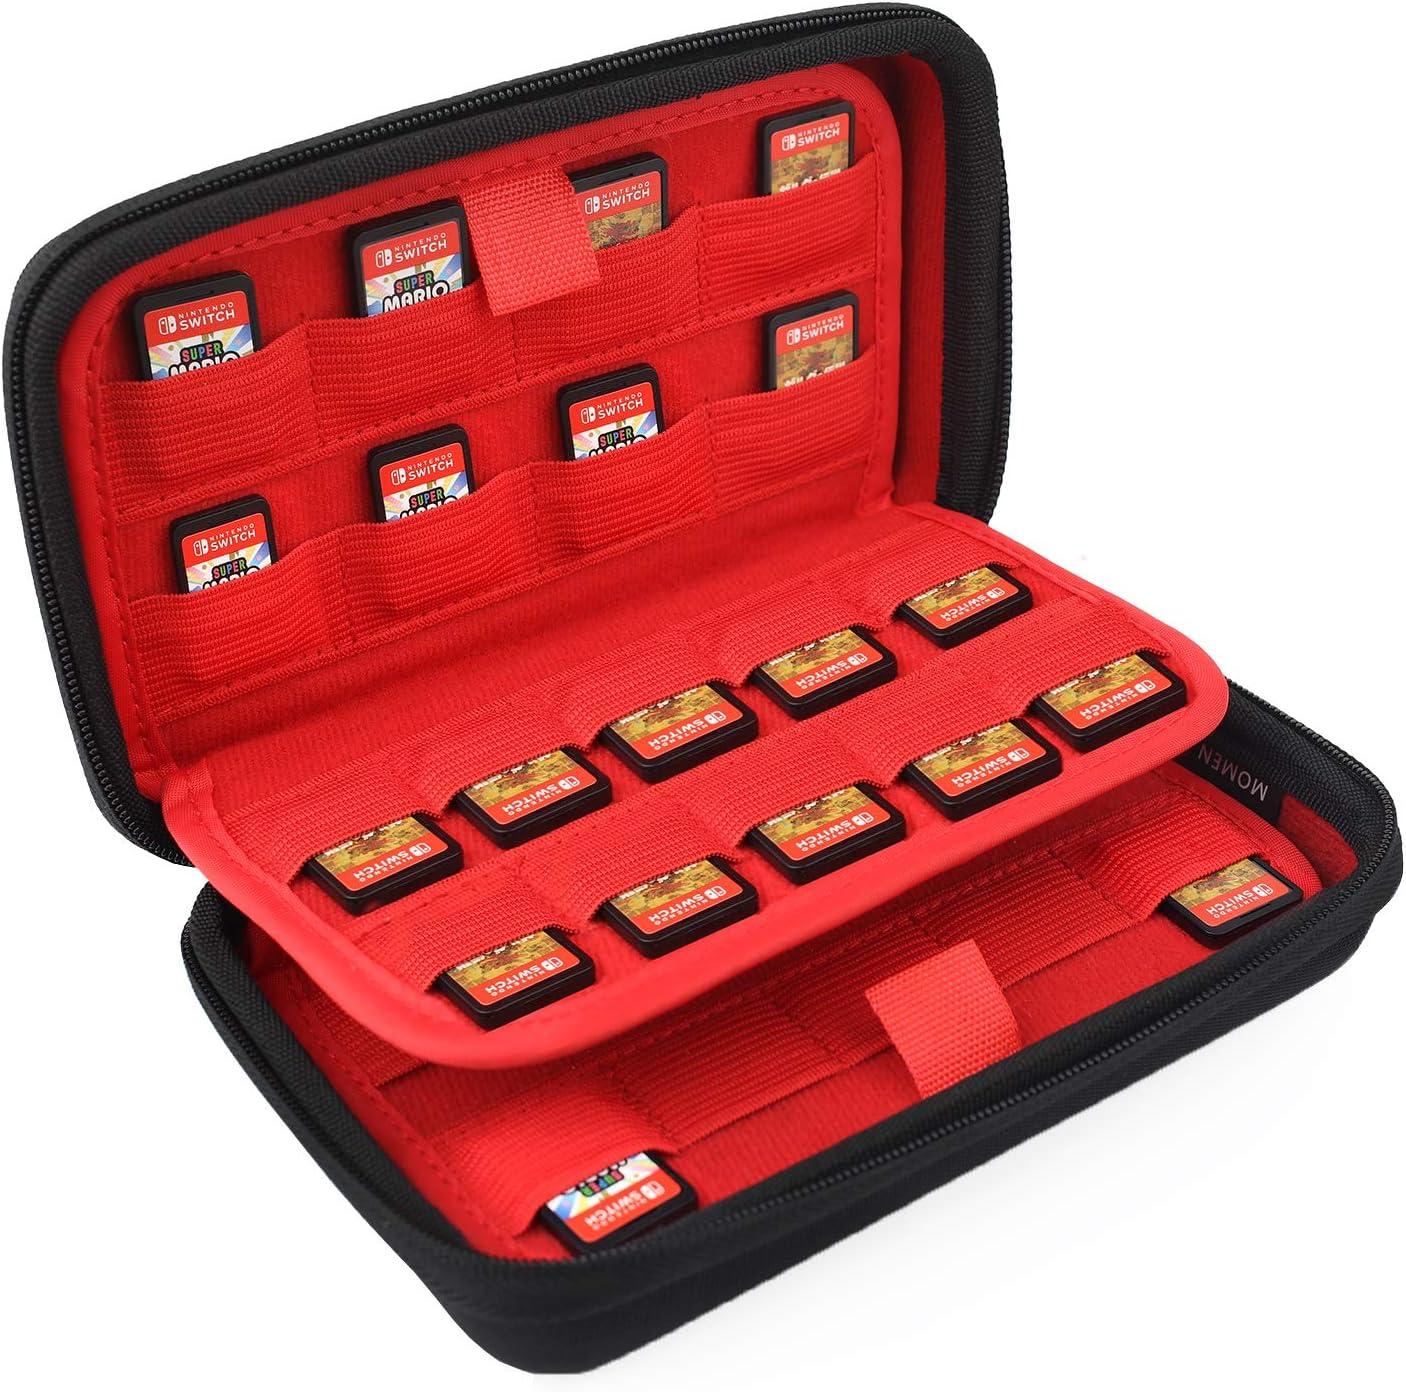 Amazon.com: Momen - Caja de almacenamiento para tarjetas de ...